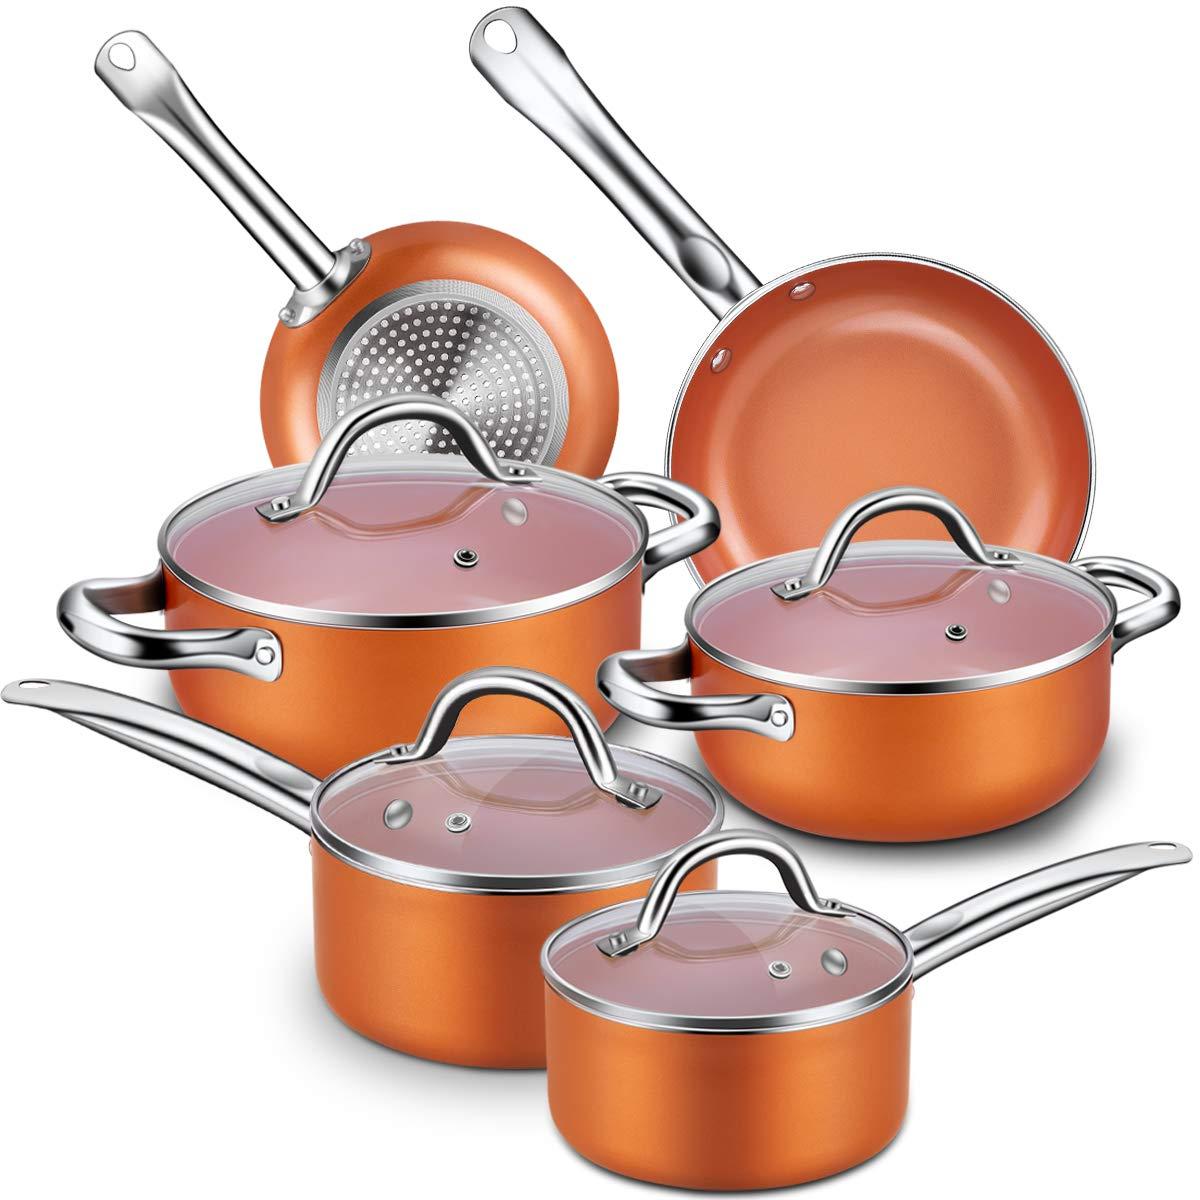 Top 10 Best Aluminum Pots And Pans Sets Best Choice Reviews